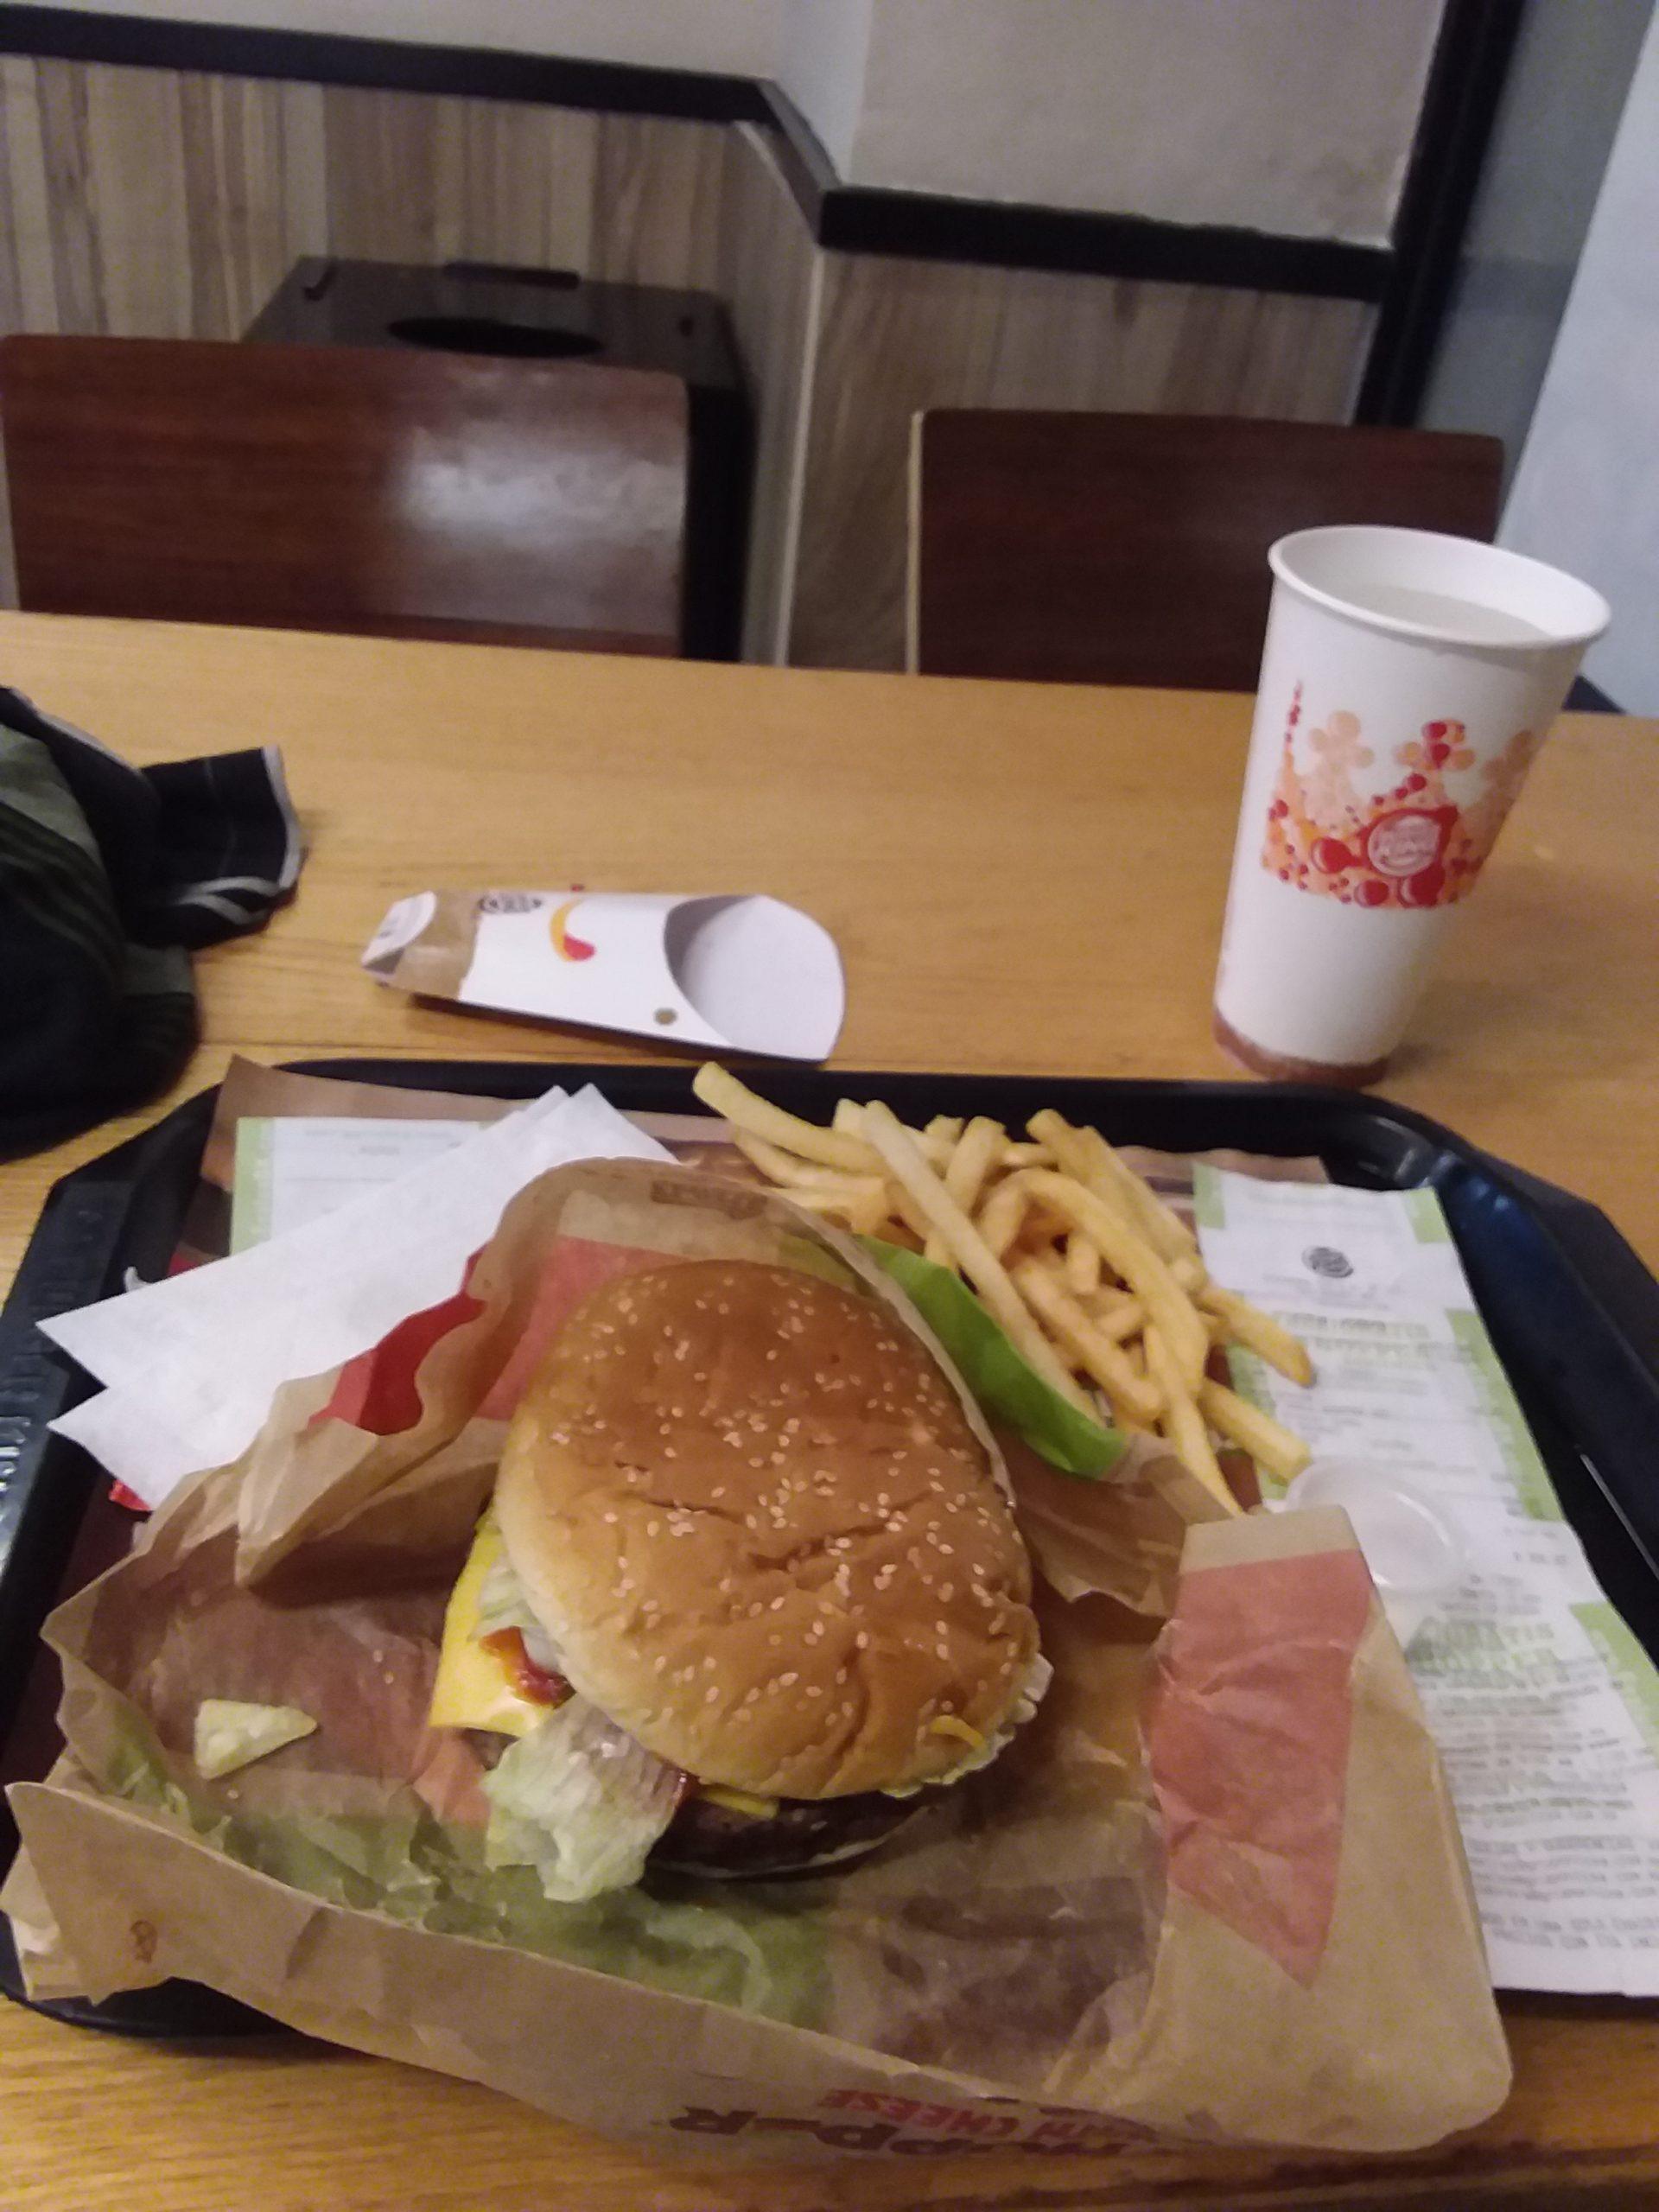 Mérida burger king